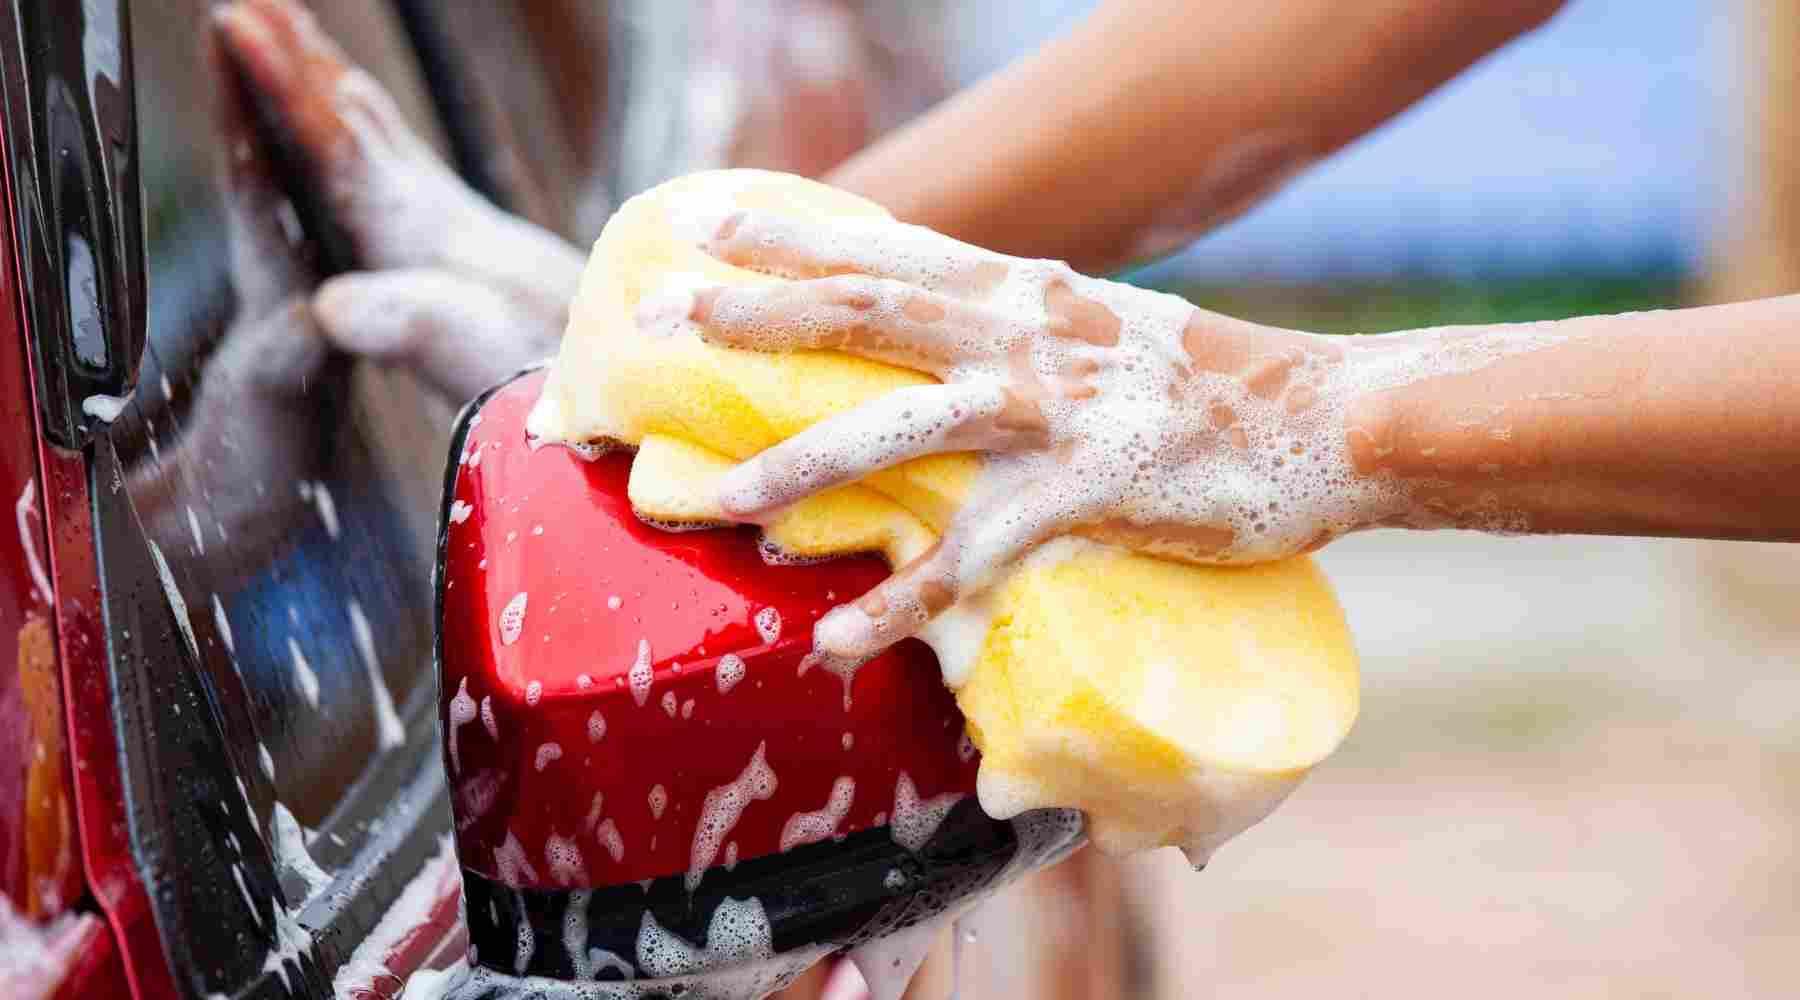 Hobbies that Make Money - Washing Cars